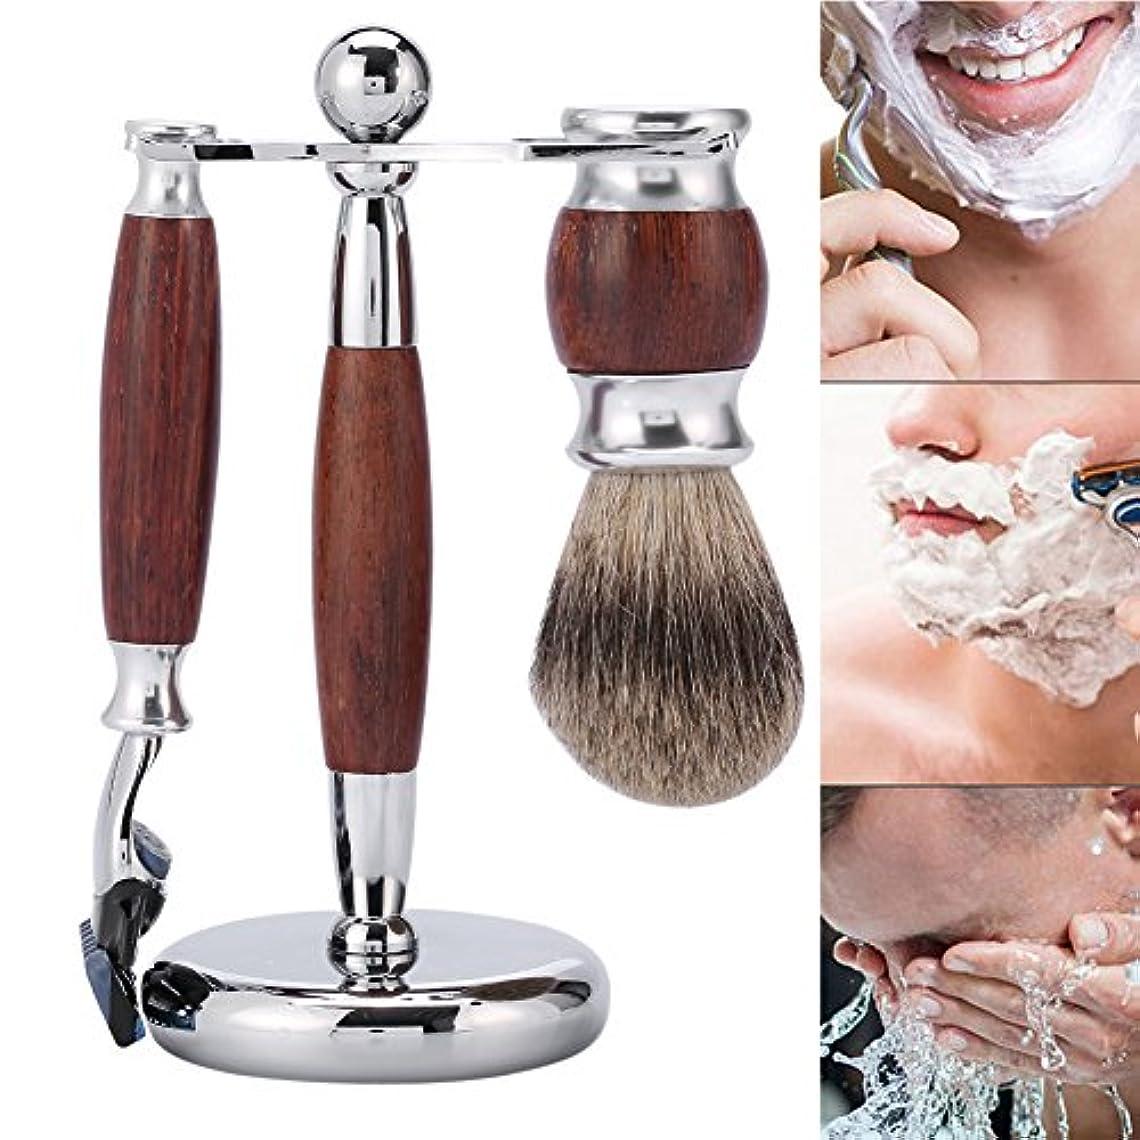 順応性のある紀元前権限を与えるプロのひげを剃る、剃刀安全5層かみそり+マホガニーシェービングブラシとシェービングスリーブホルダーを剃ることは男性のための良い贈り物です